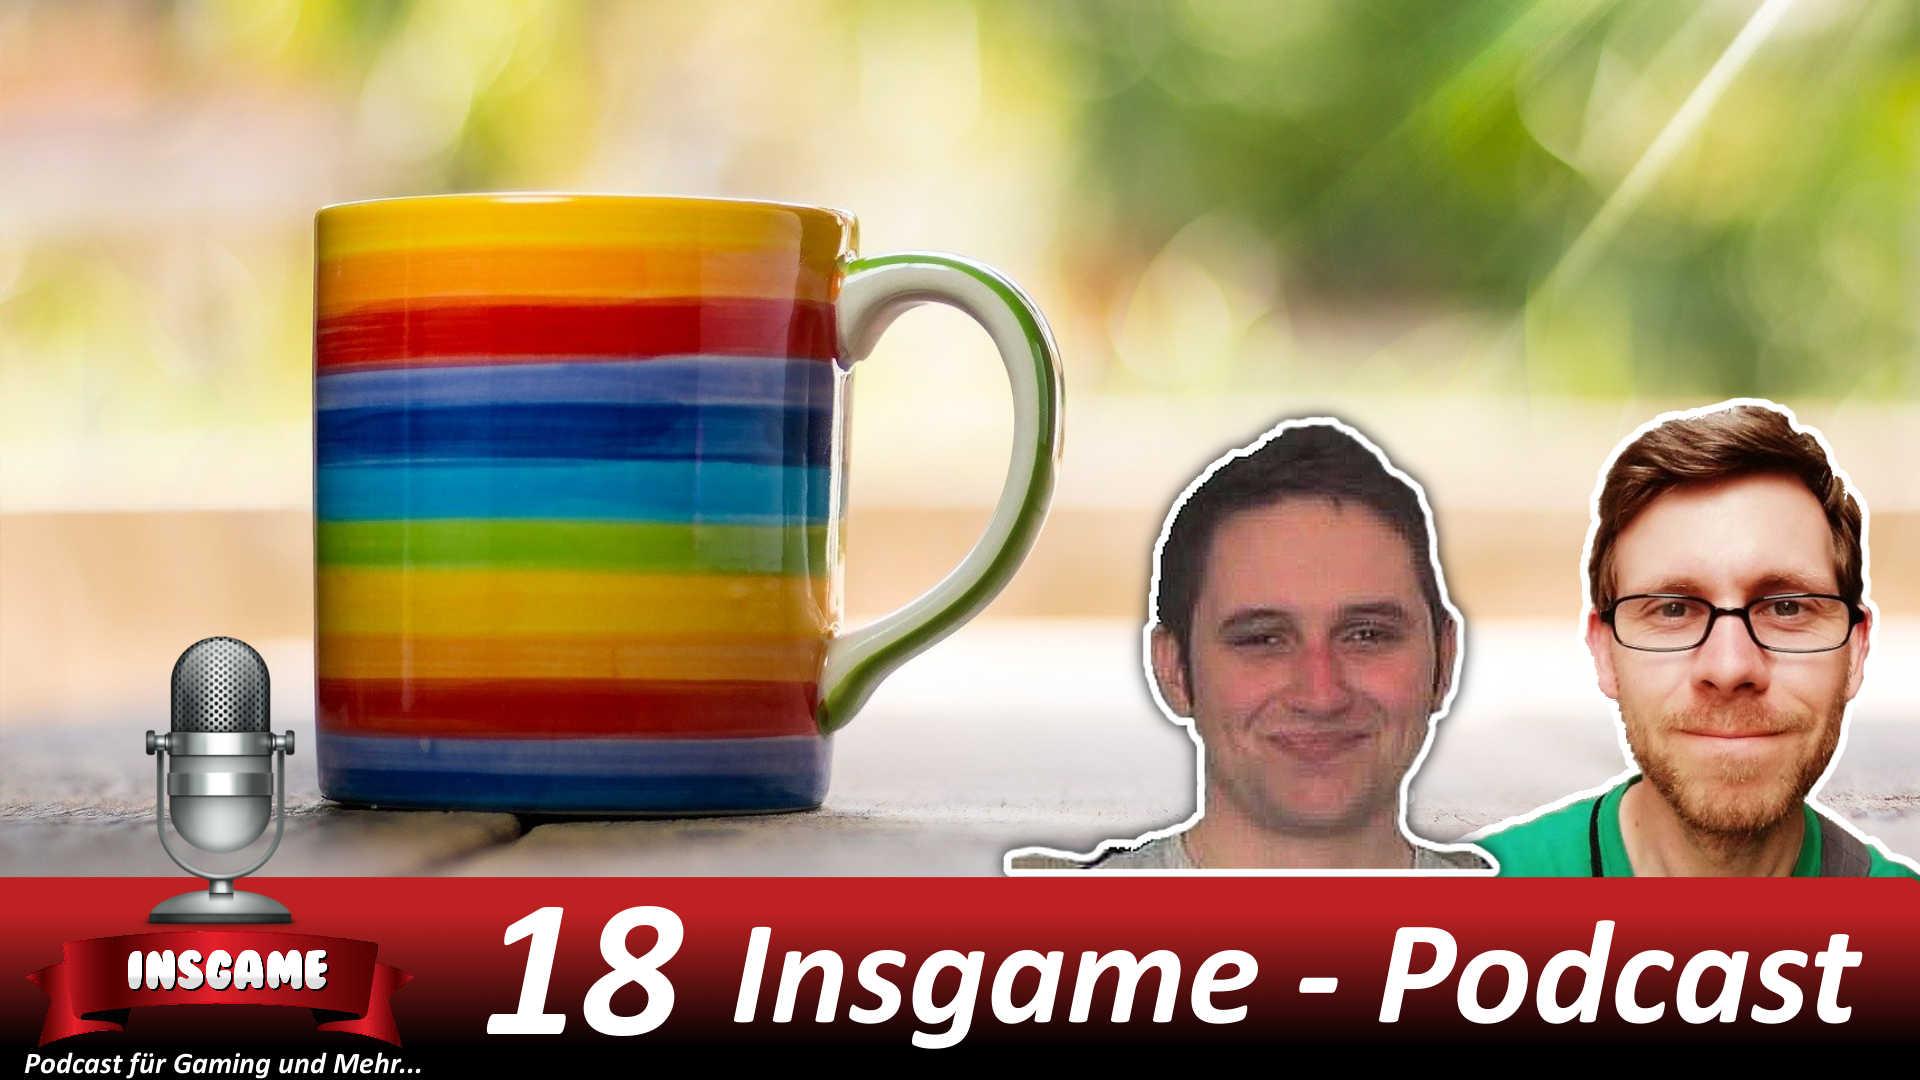 Insgame Podcast für Gaming und Mehr